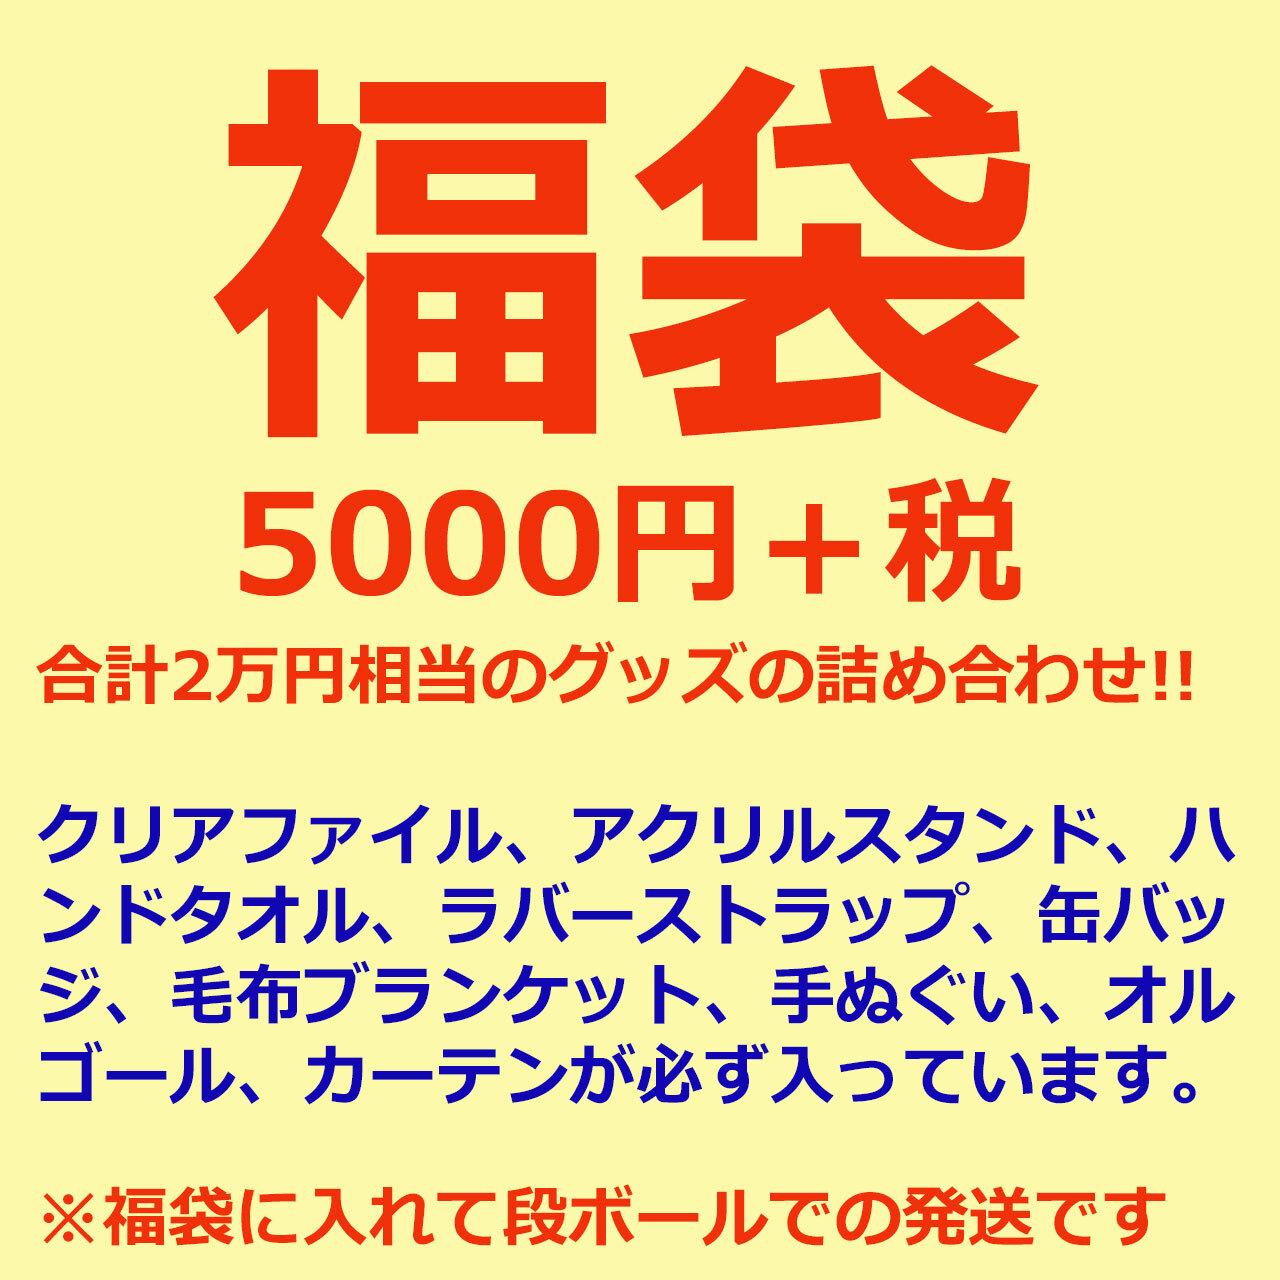 【5000円】アニメグッズ福袋 第二弾 男性向け